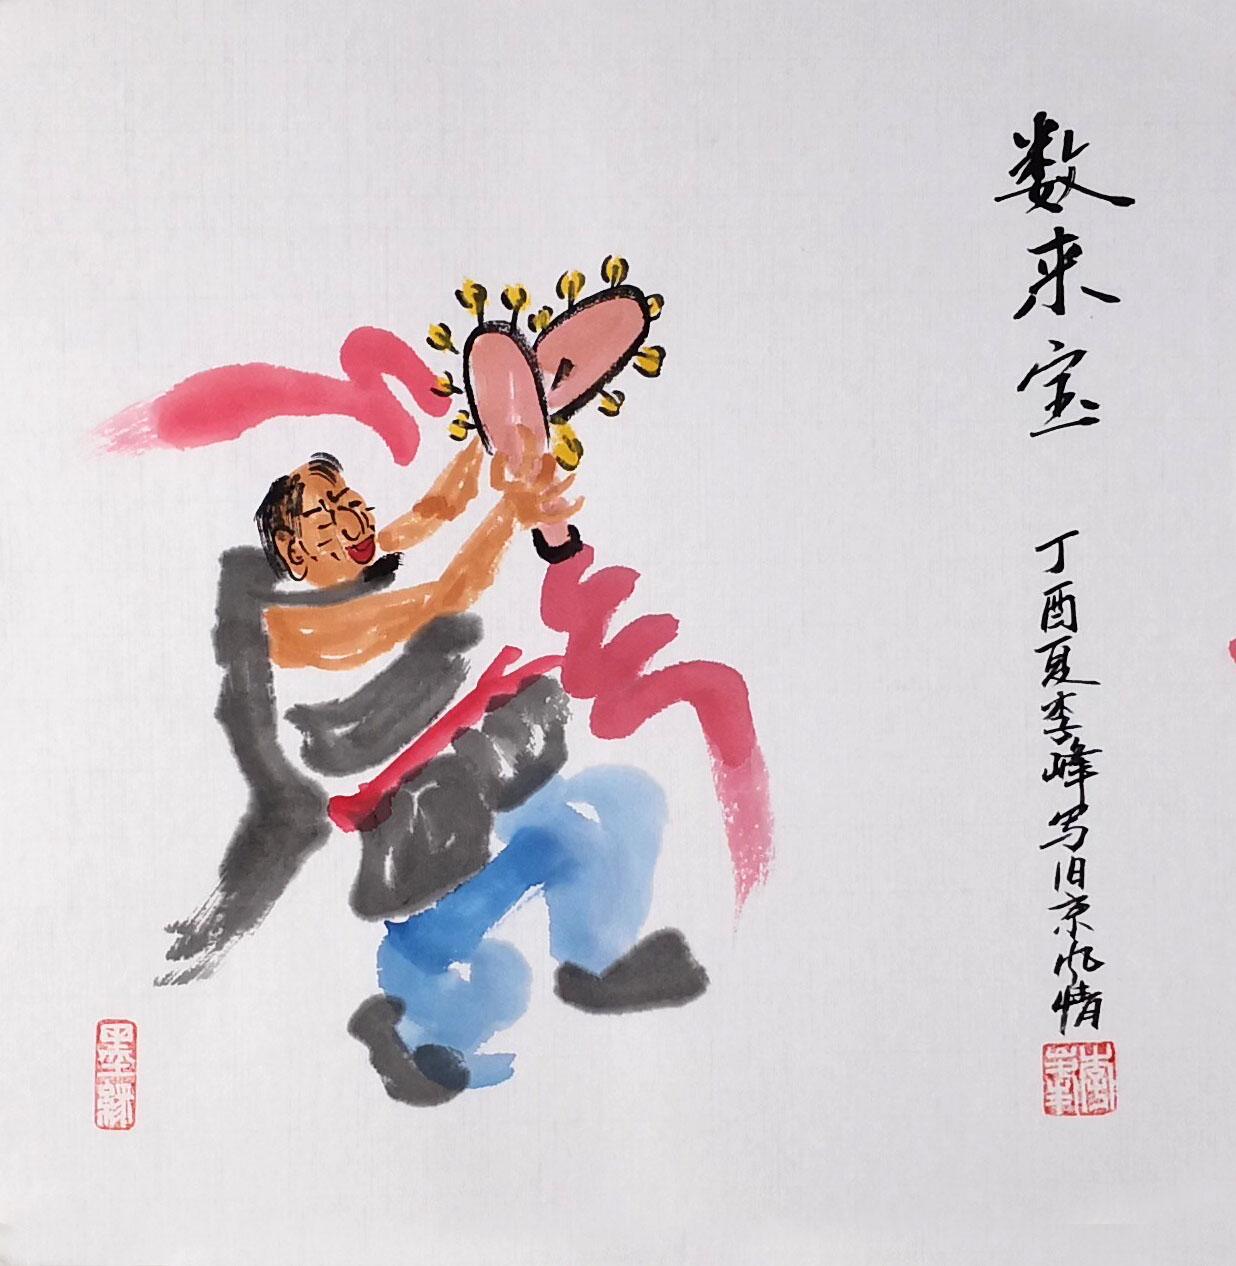 T49一尺小品旧京风格趣味人物画李峰纯手绘茶楼餐馆书房装饰字画